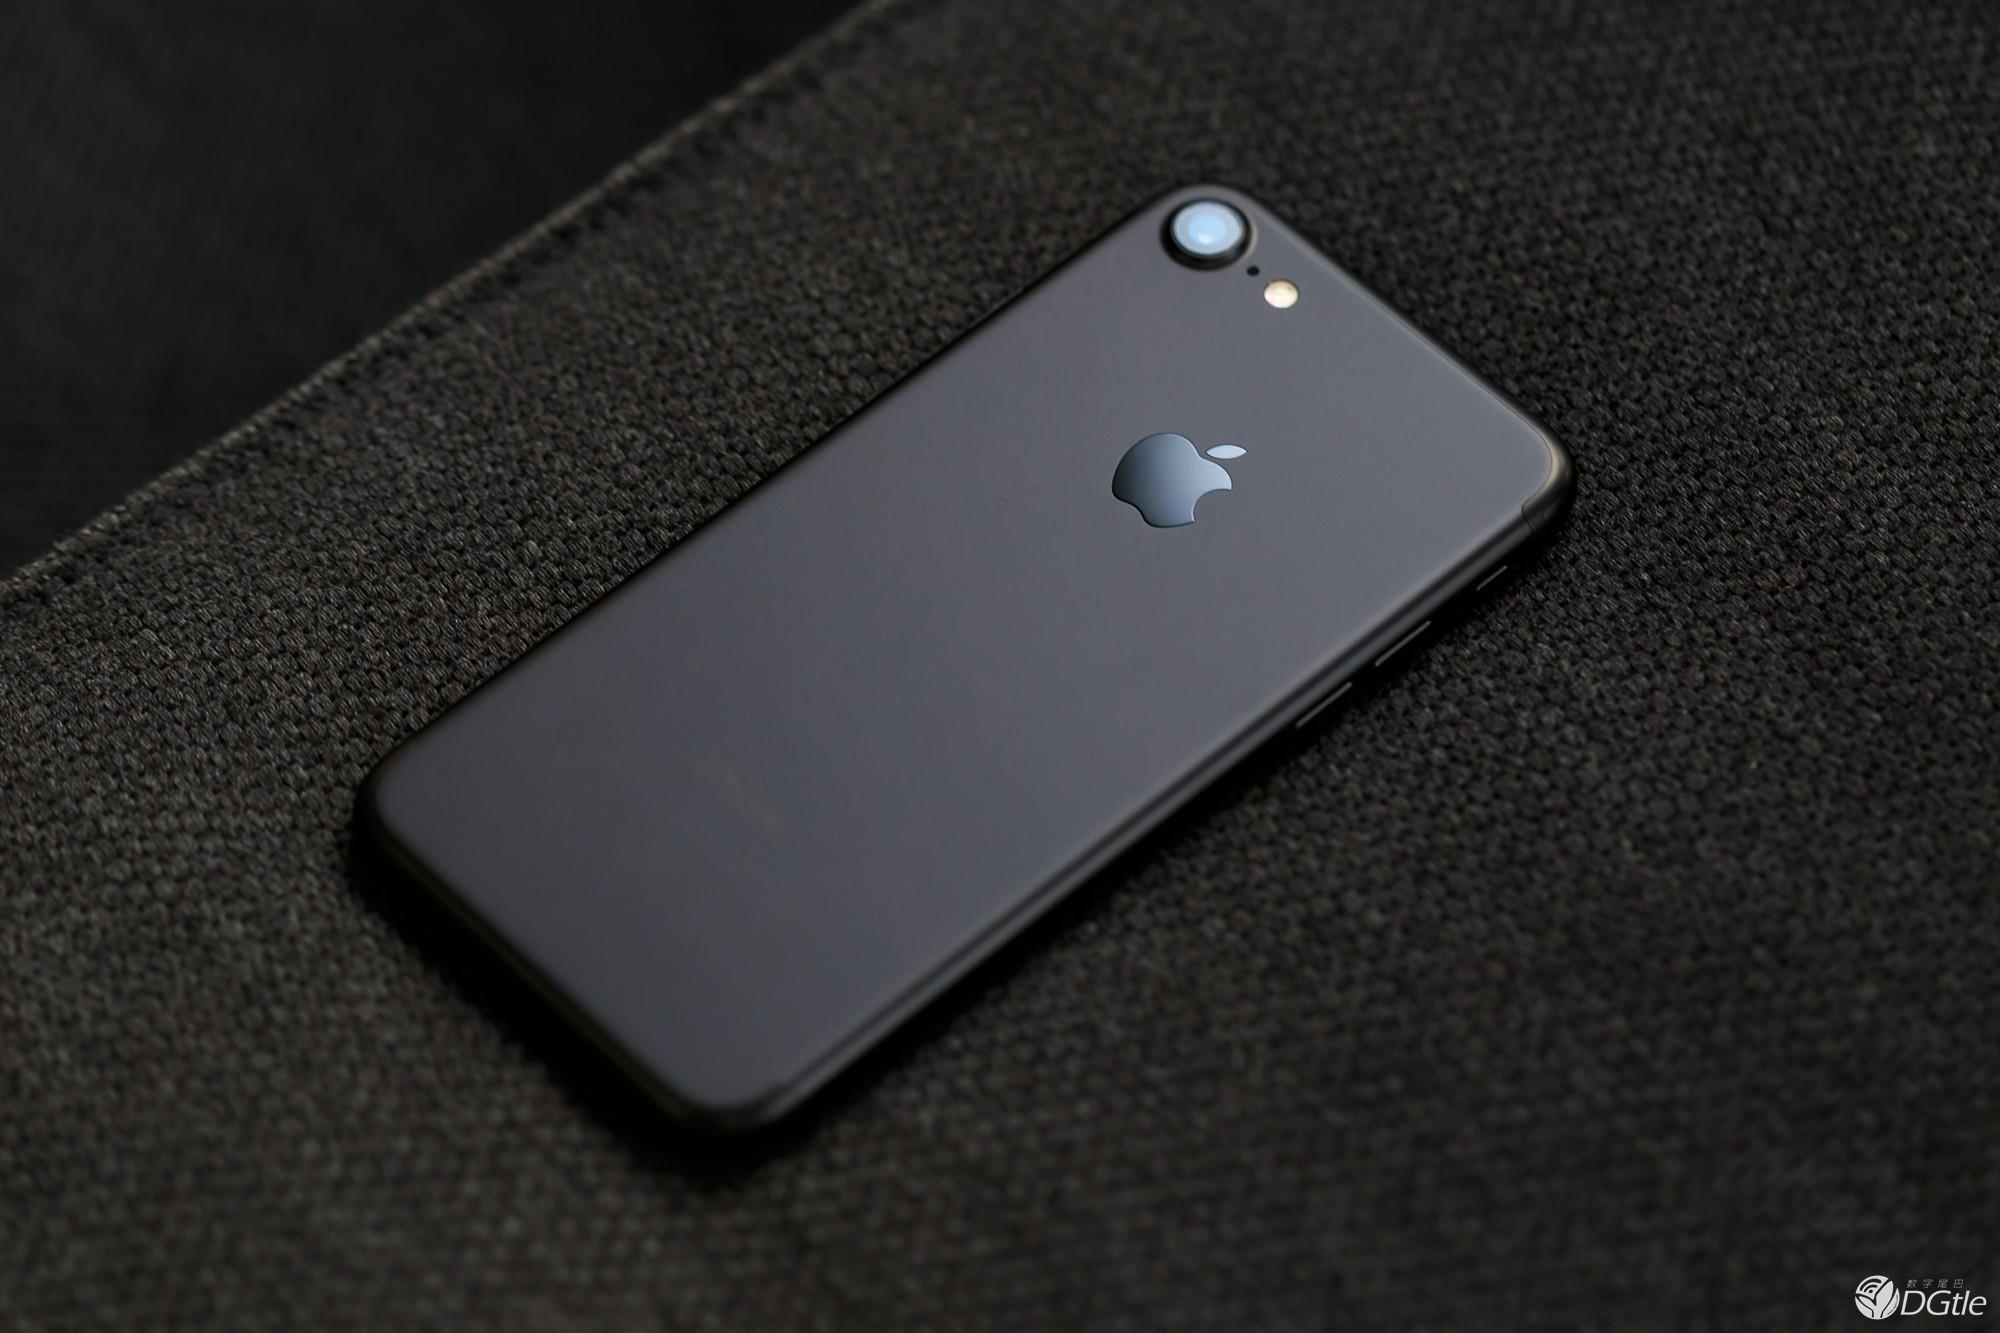 iphone做相关的音频产品